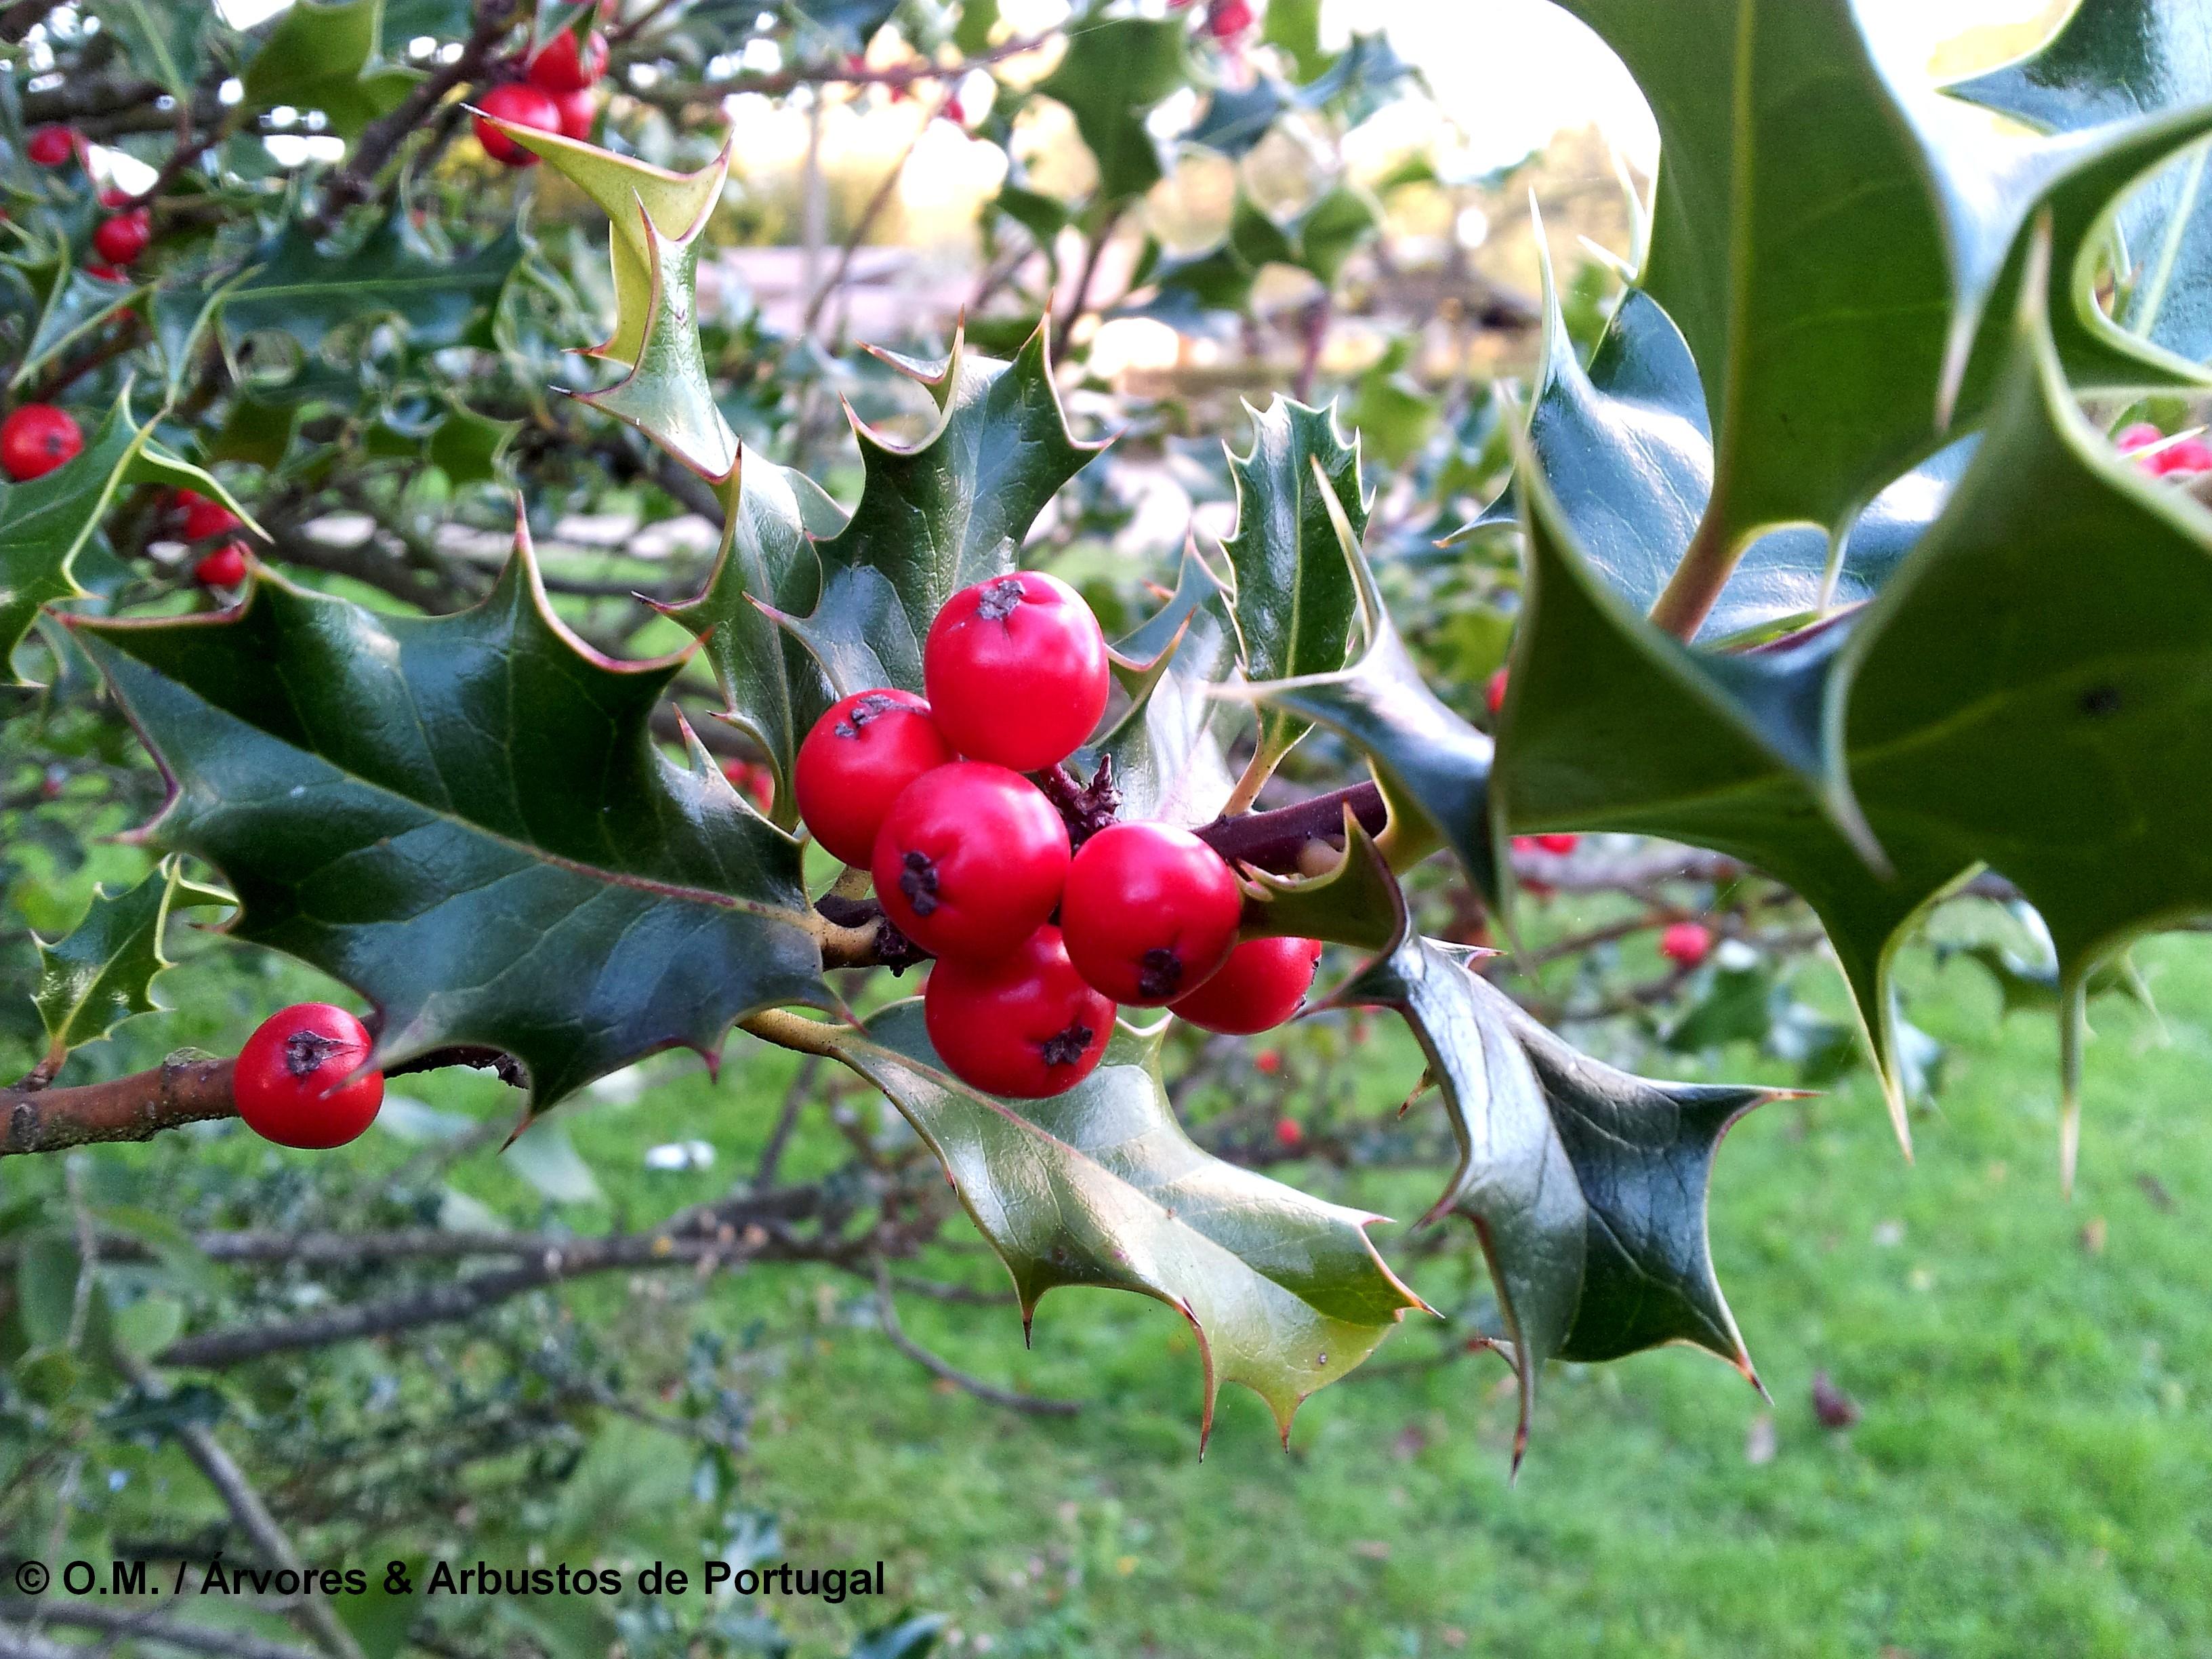 drupas maduras de azevinho - Ilex aquifolium